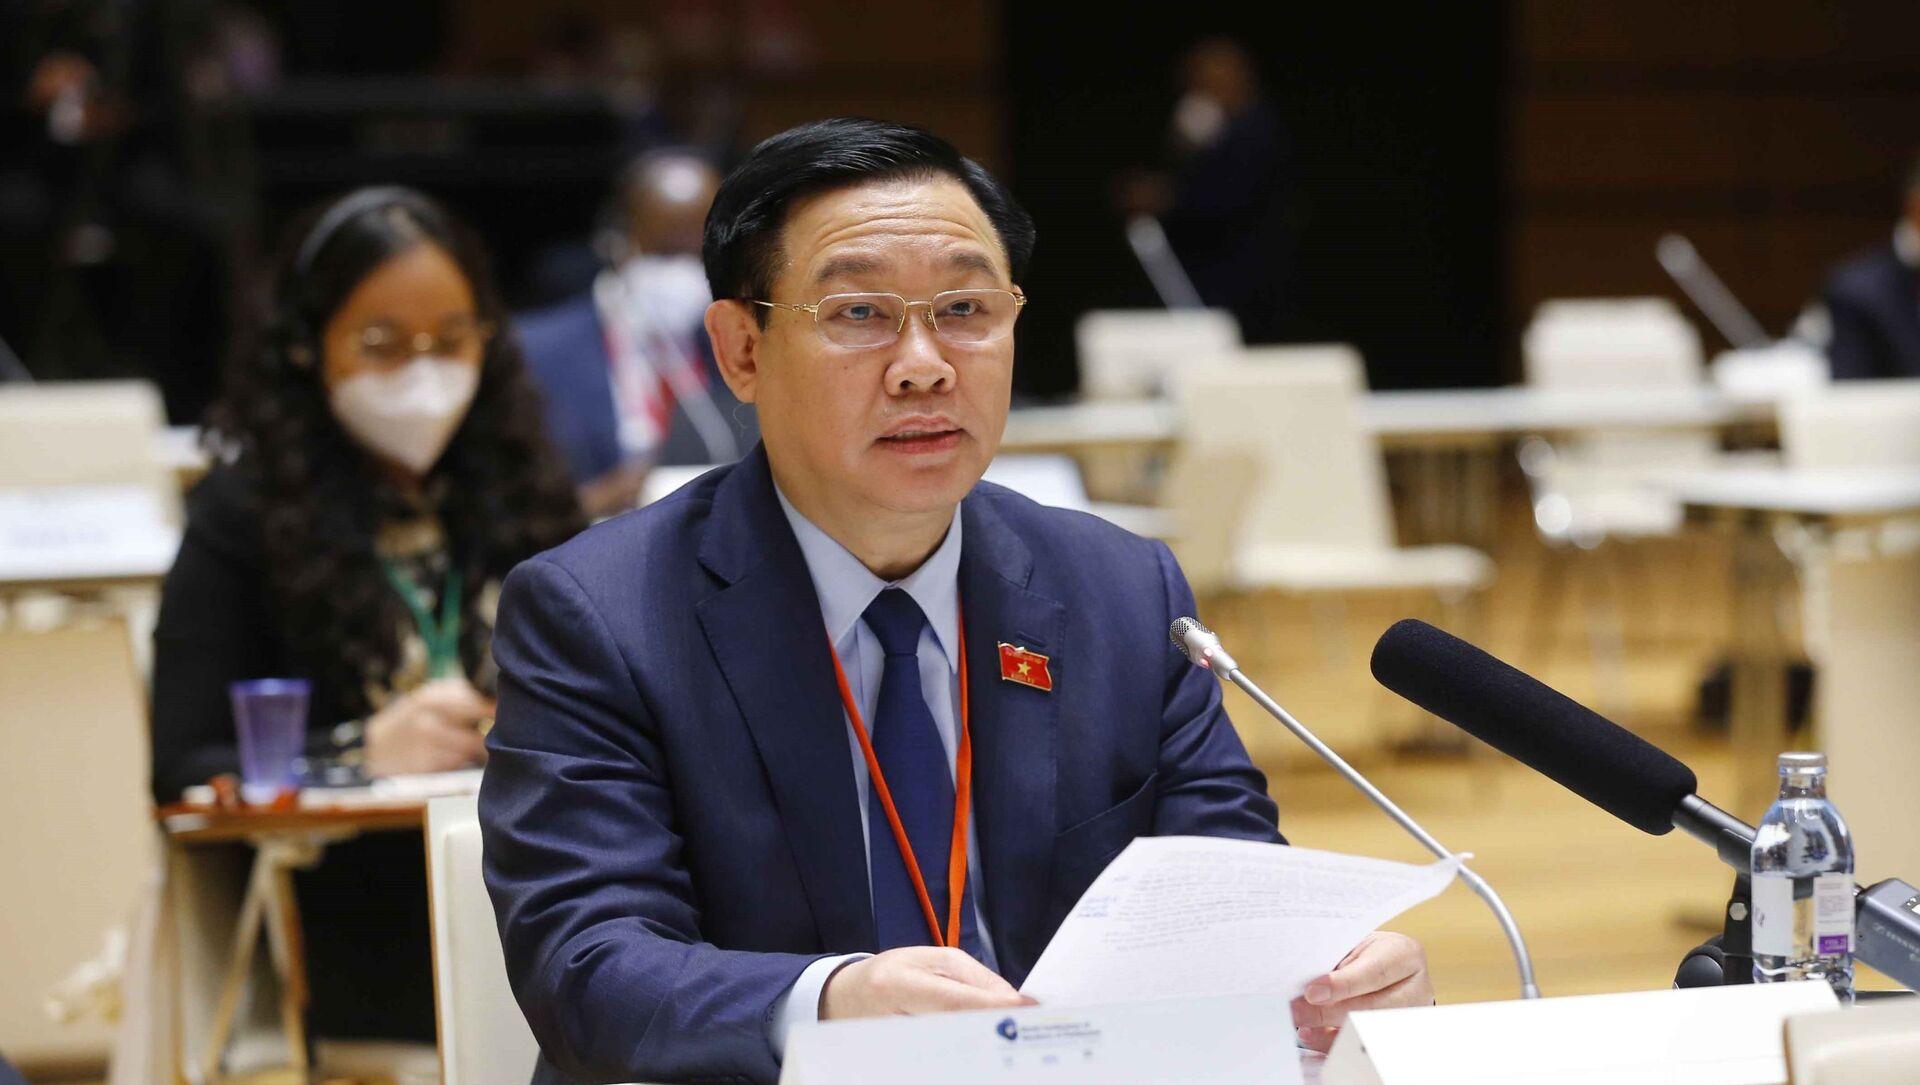 Chủ tịch Quốc hội Vương Đình Huệ dự Lễ khai mạc Hội nghị các Chủ tịch Quốc hội thế giới lần thứ 5 - Sputnik Việt Nam, 1920, 08.09.2021